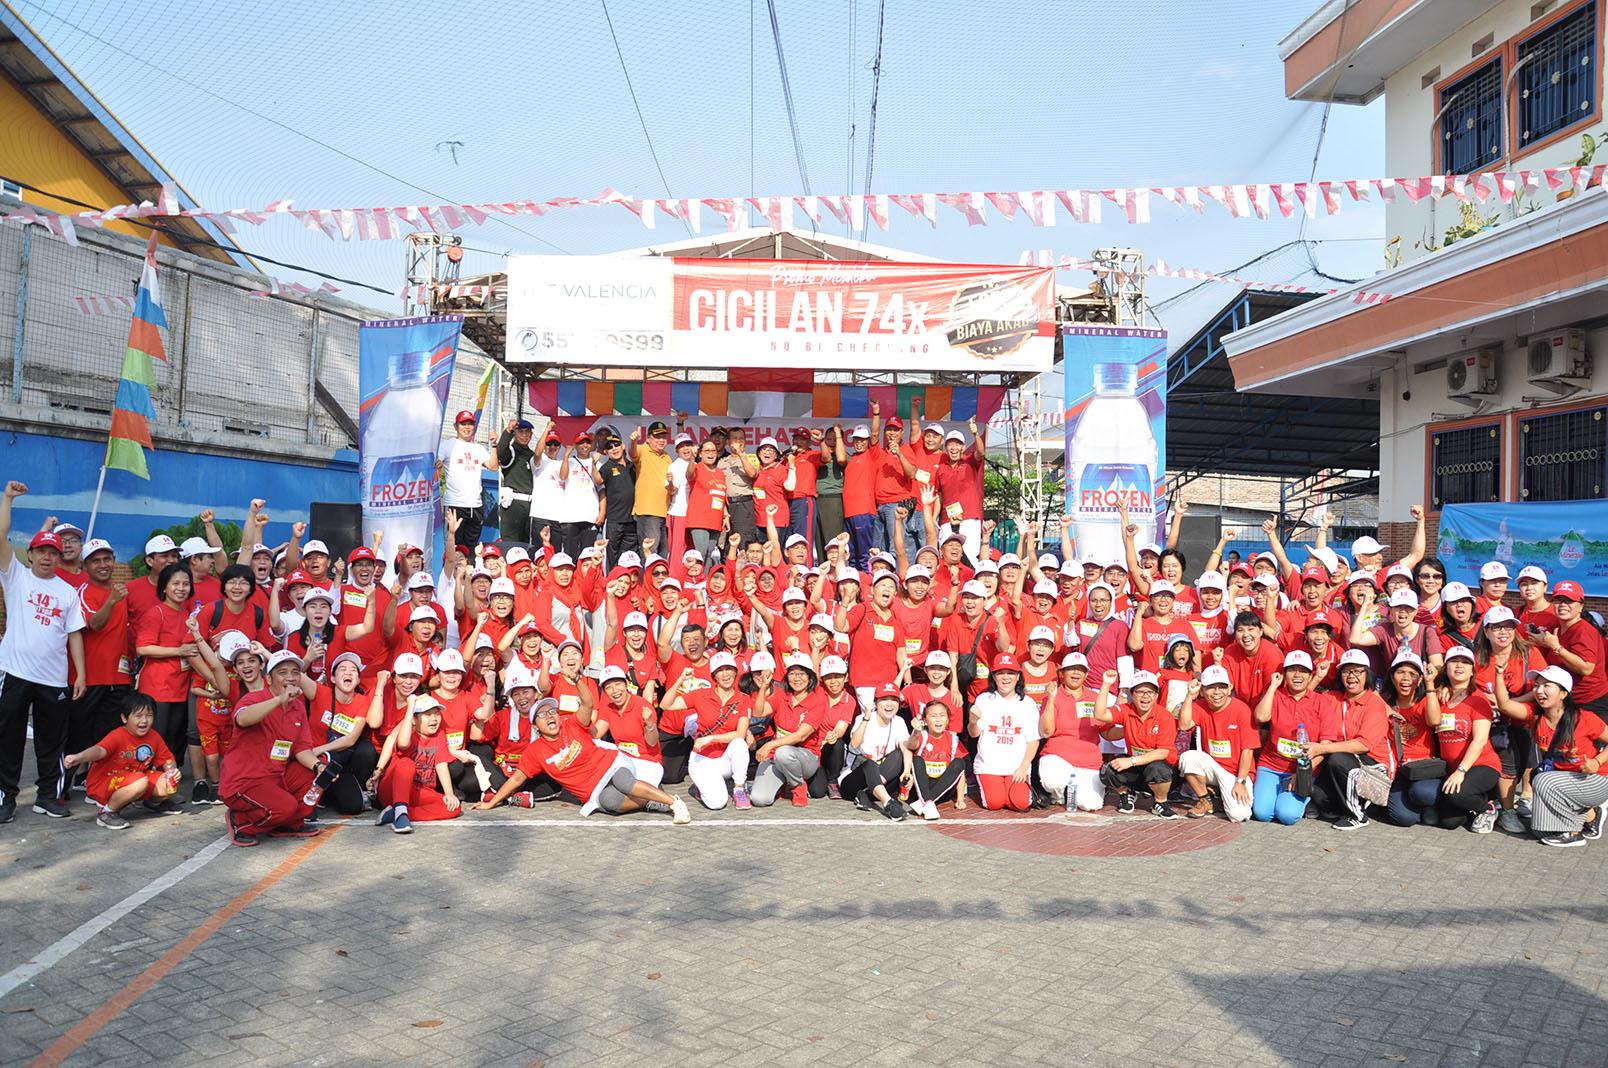 KITA BHINEKA, KITA INDONESIA